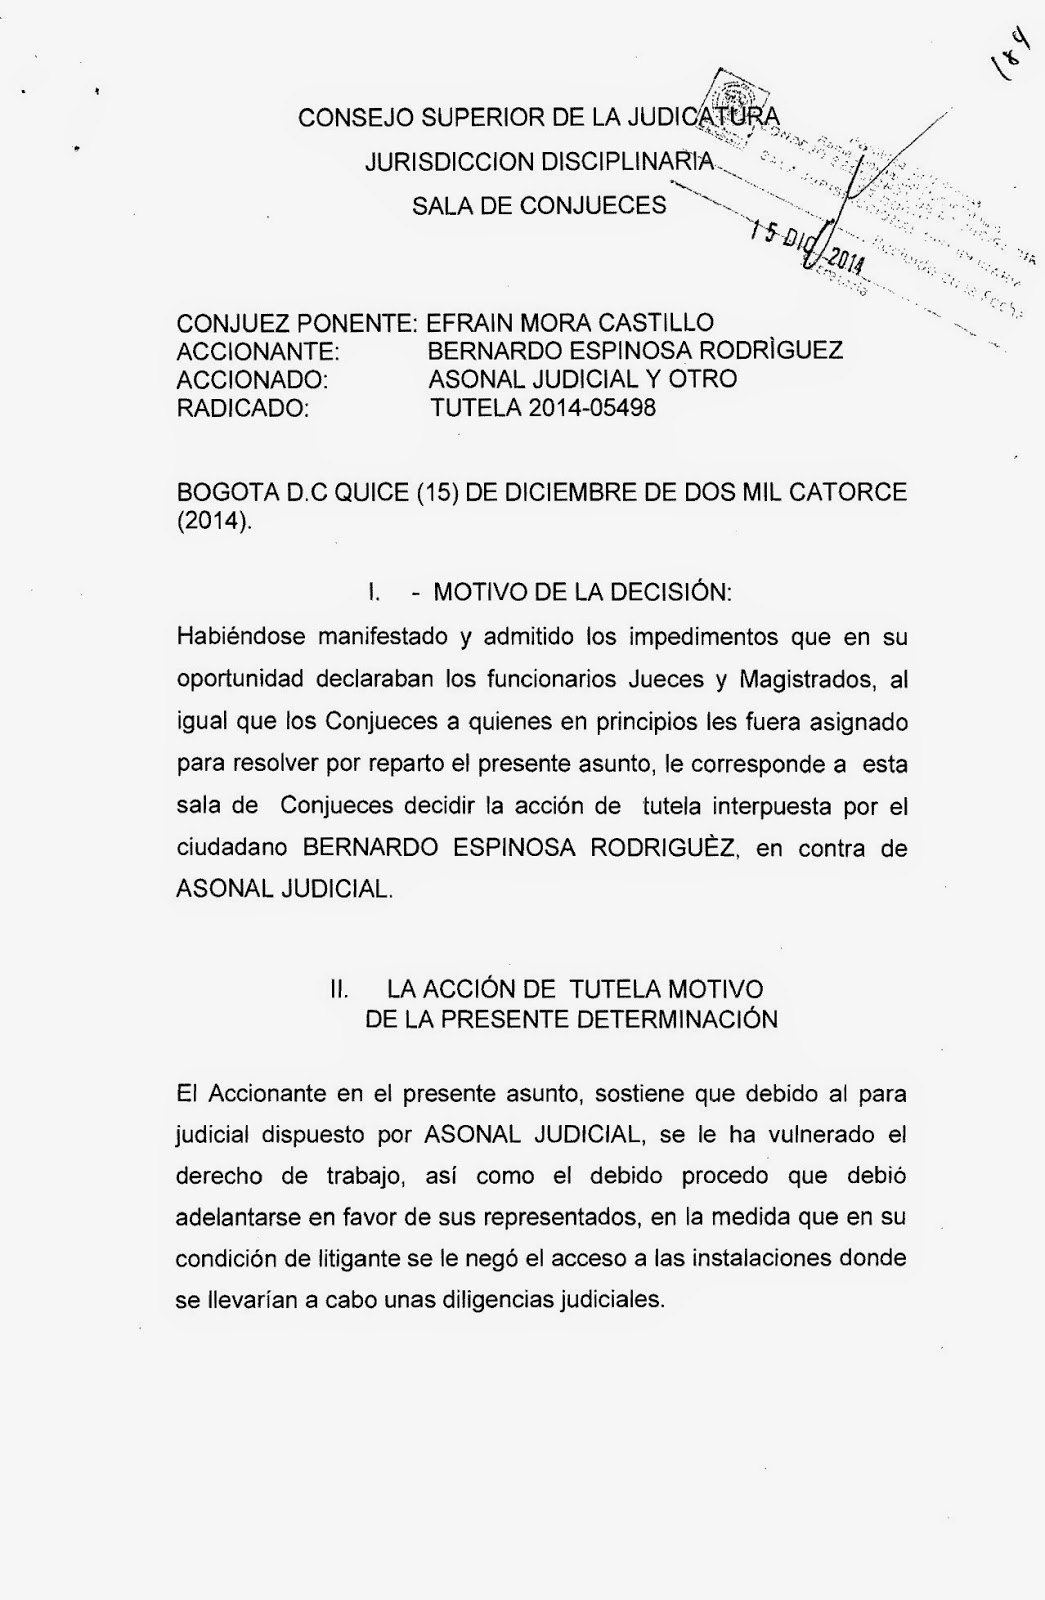 SENTENCIA DE TUTELA PARA REANUDAR LAS ACTIVIDADES JUDICIALES EN ...